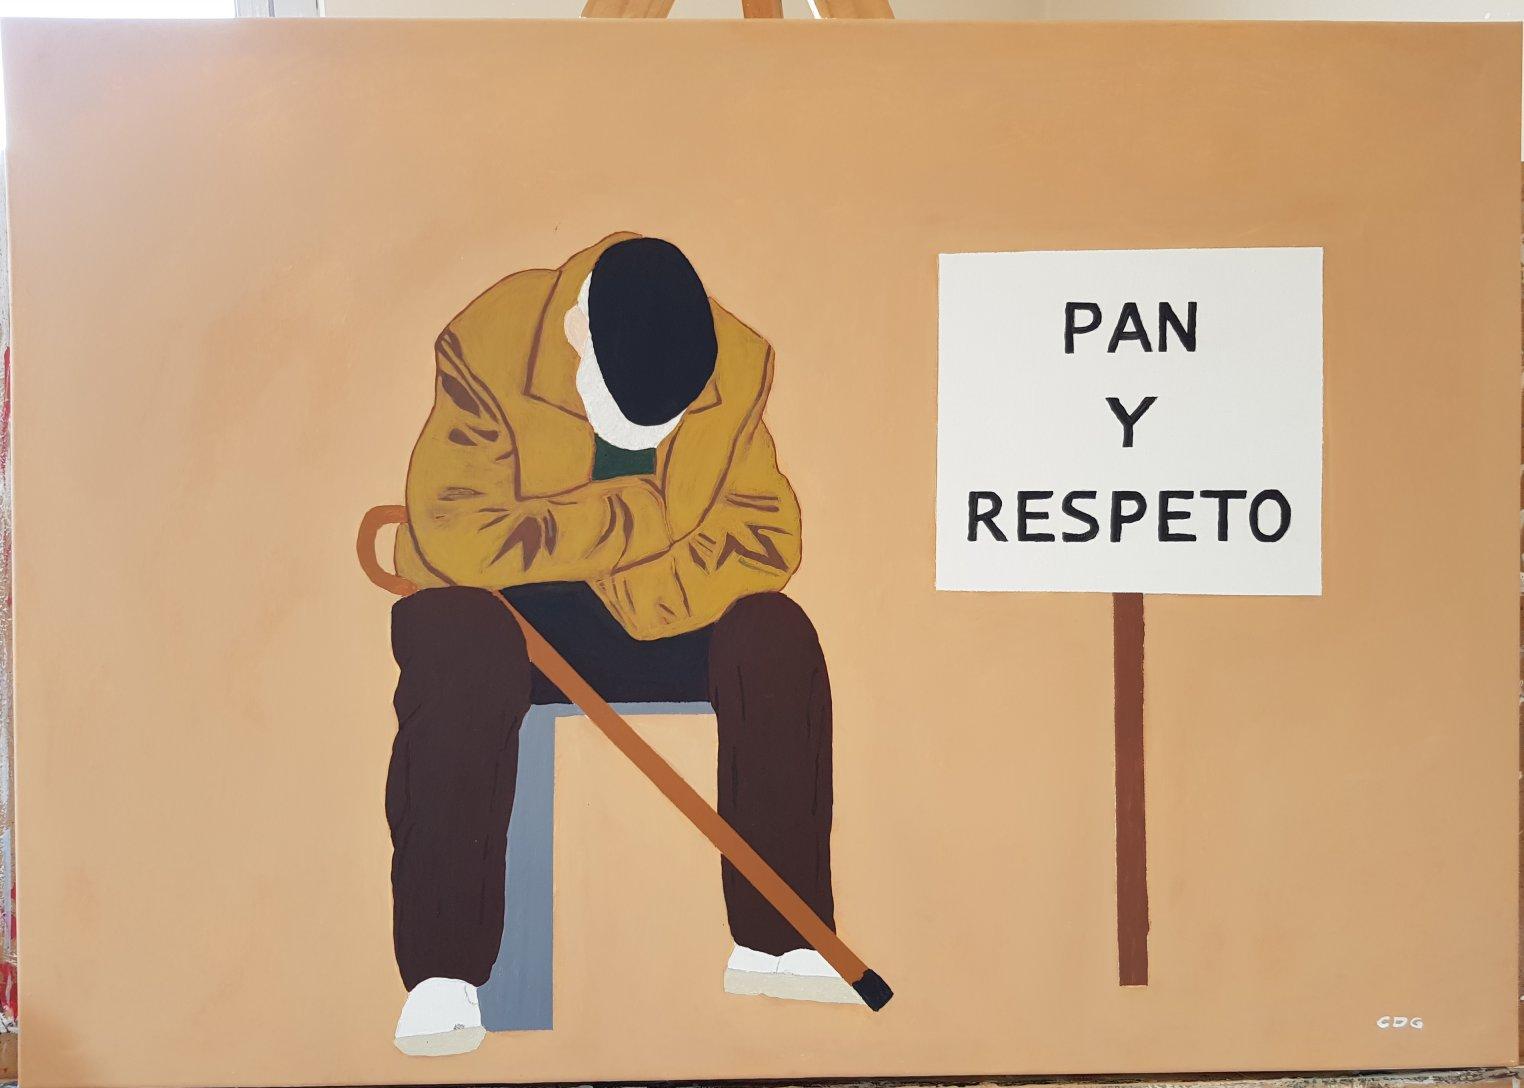 Pan y respeto (2020) - César Daniel Garnica García